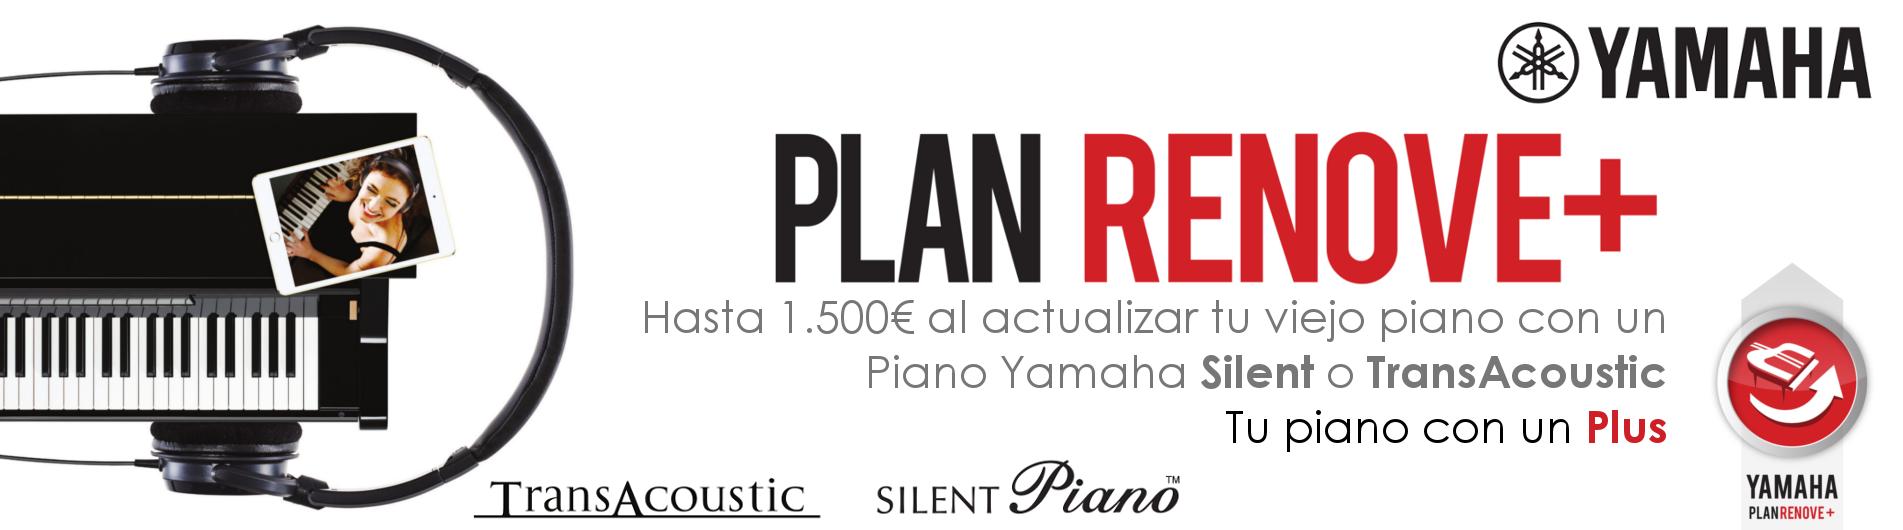 ¡Cambia tu viejo piano acústico o digital* por un nuevo Silent, AvantGrand o TransAcoustic! Consigue un descuento de hasta 1500€.